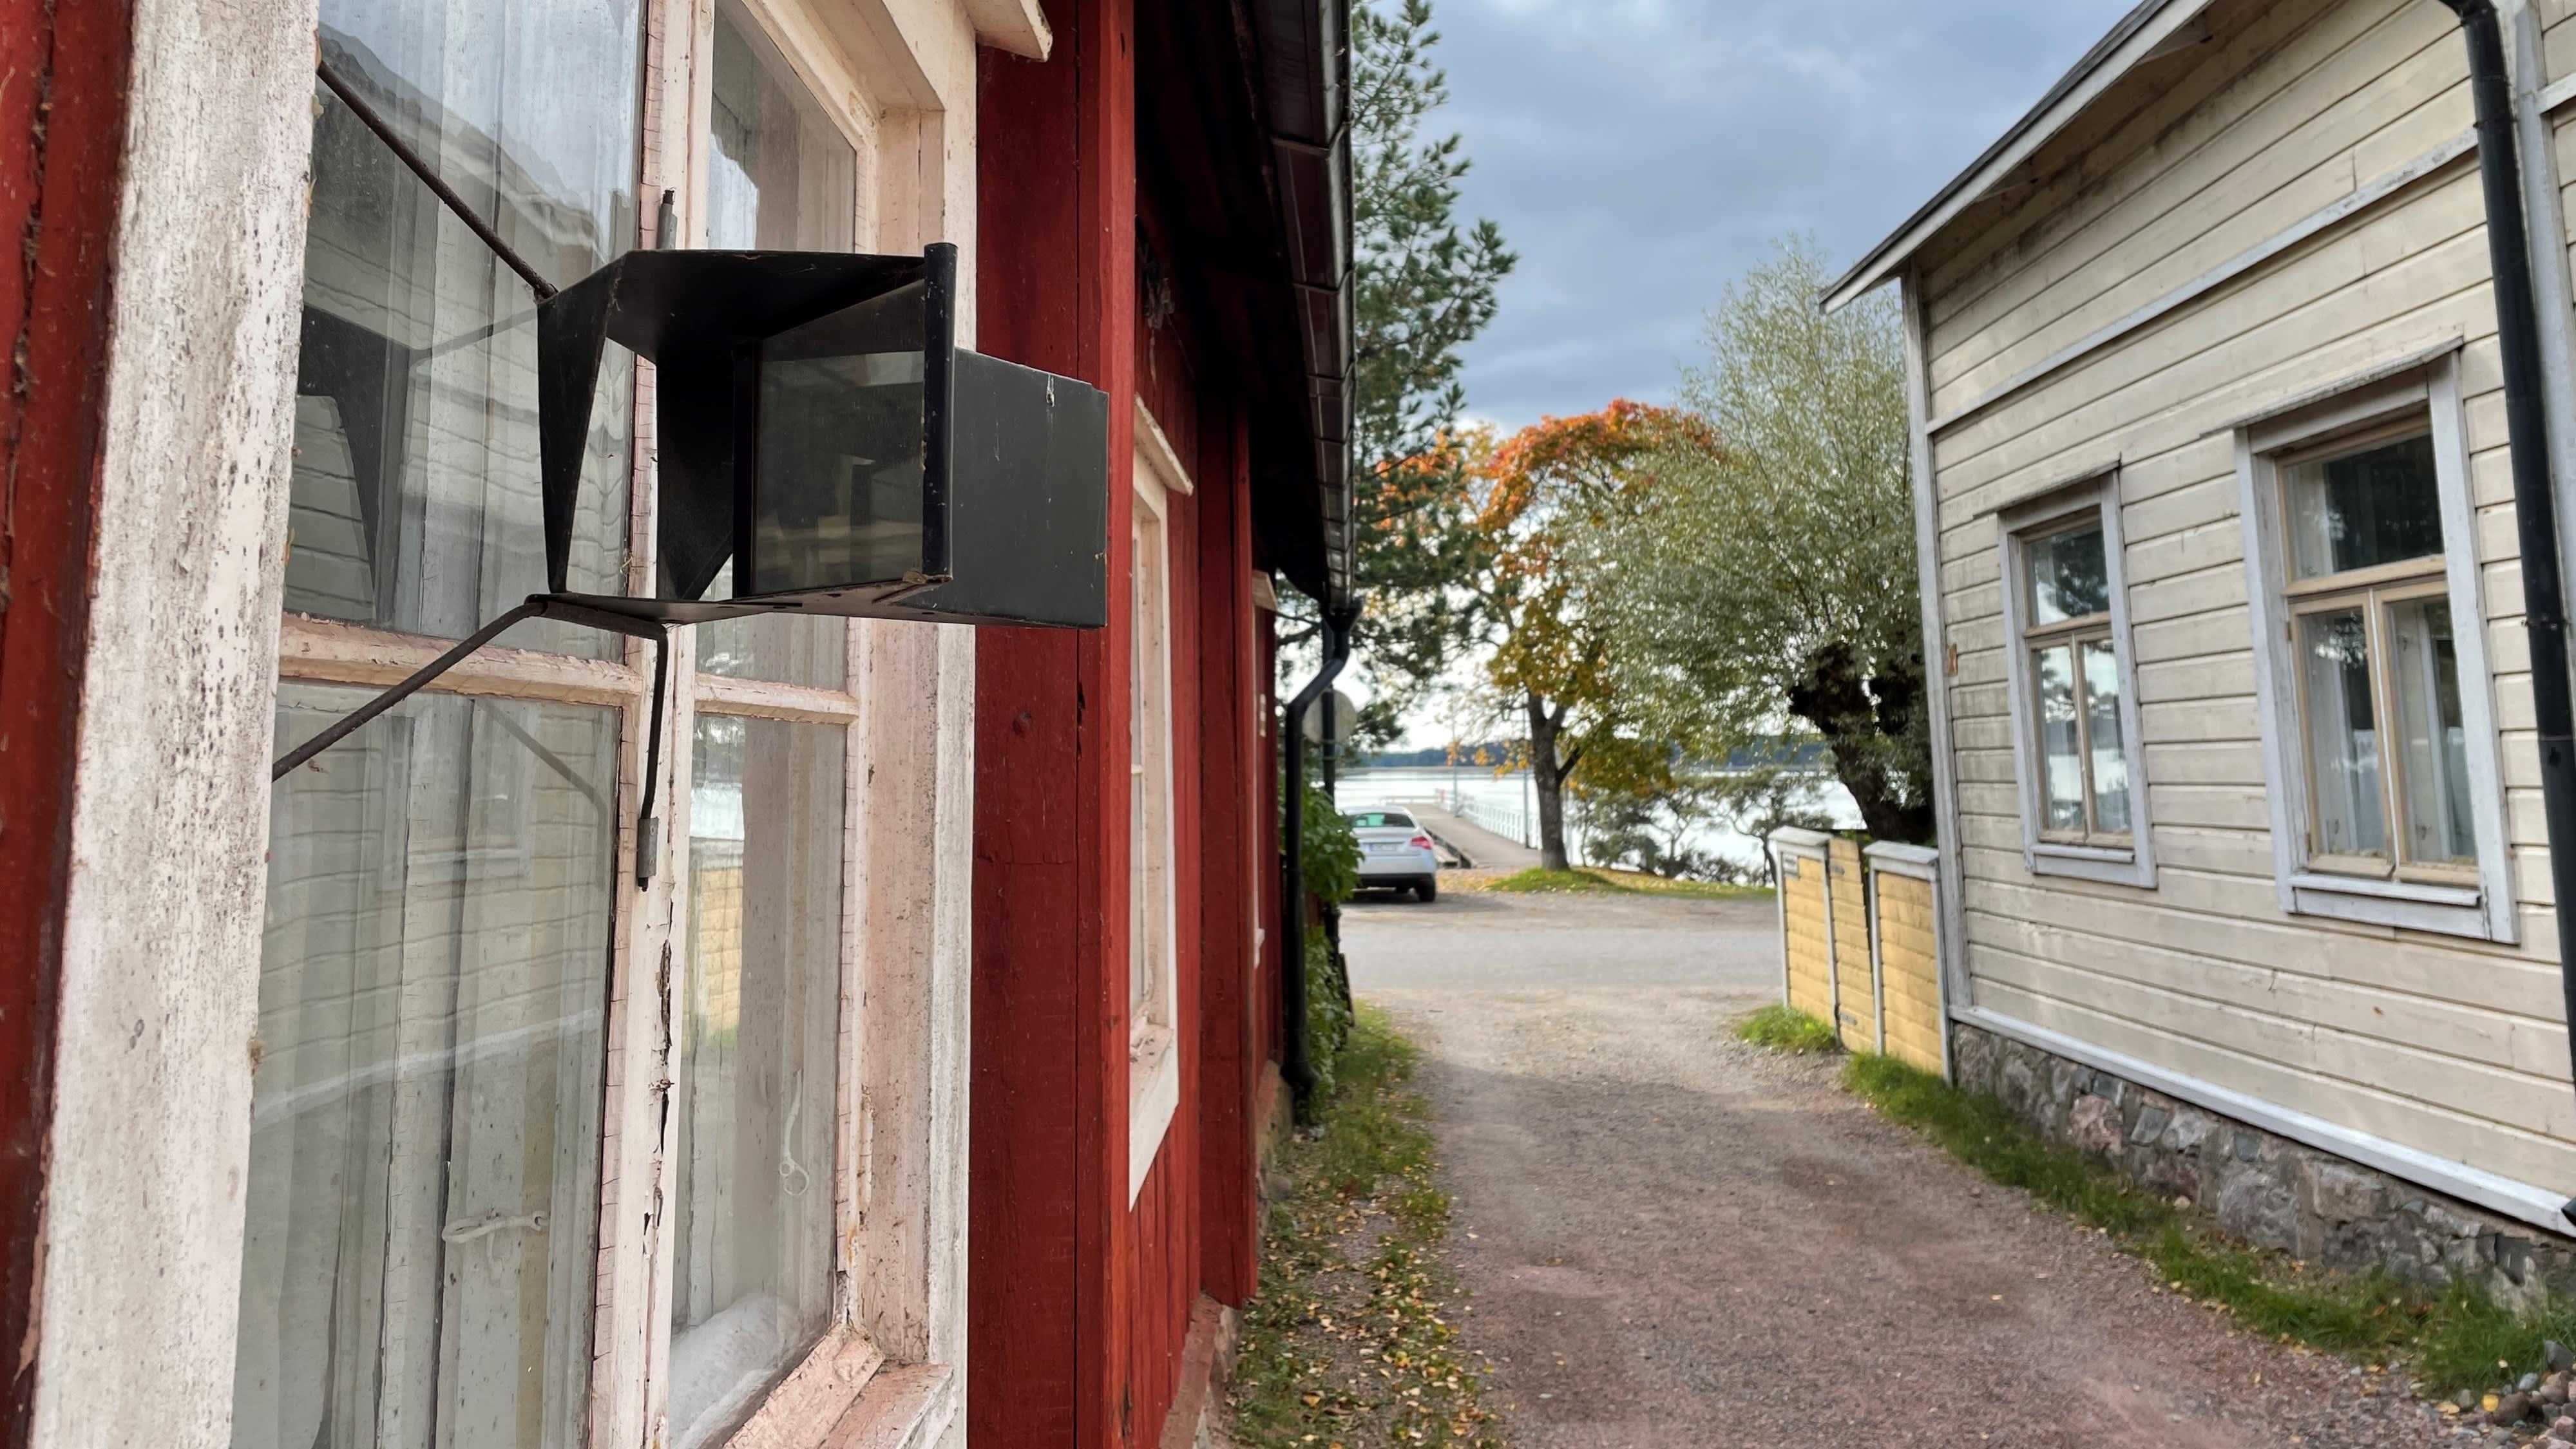 Niin sanotusta juorupeilistä voi tarkkailla katujen ja kujien tapahtumia huomaamatta sisätiloista. Tammisaaren Liinakankurinkadun vanhimmat talot ovat 1700-luvun lopusta.